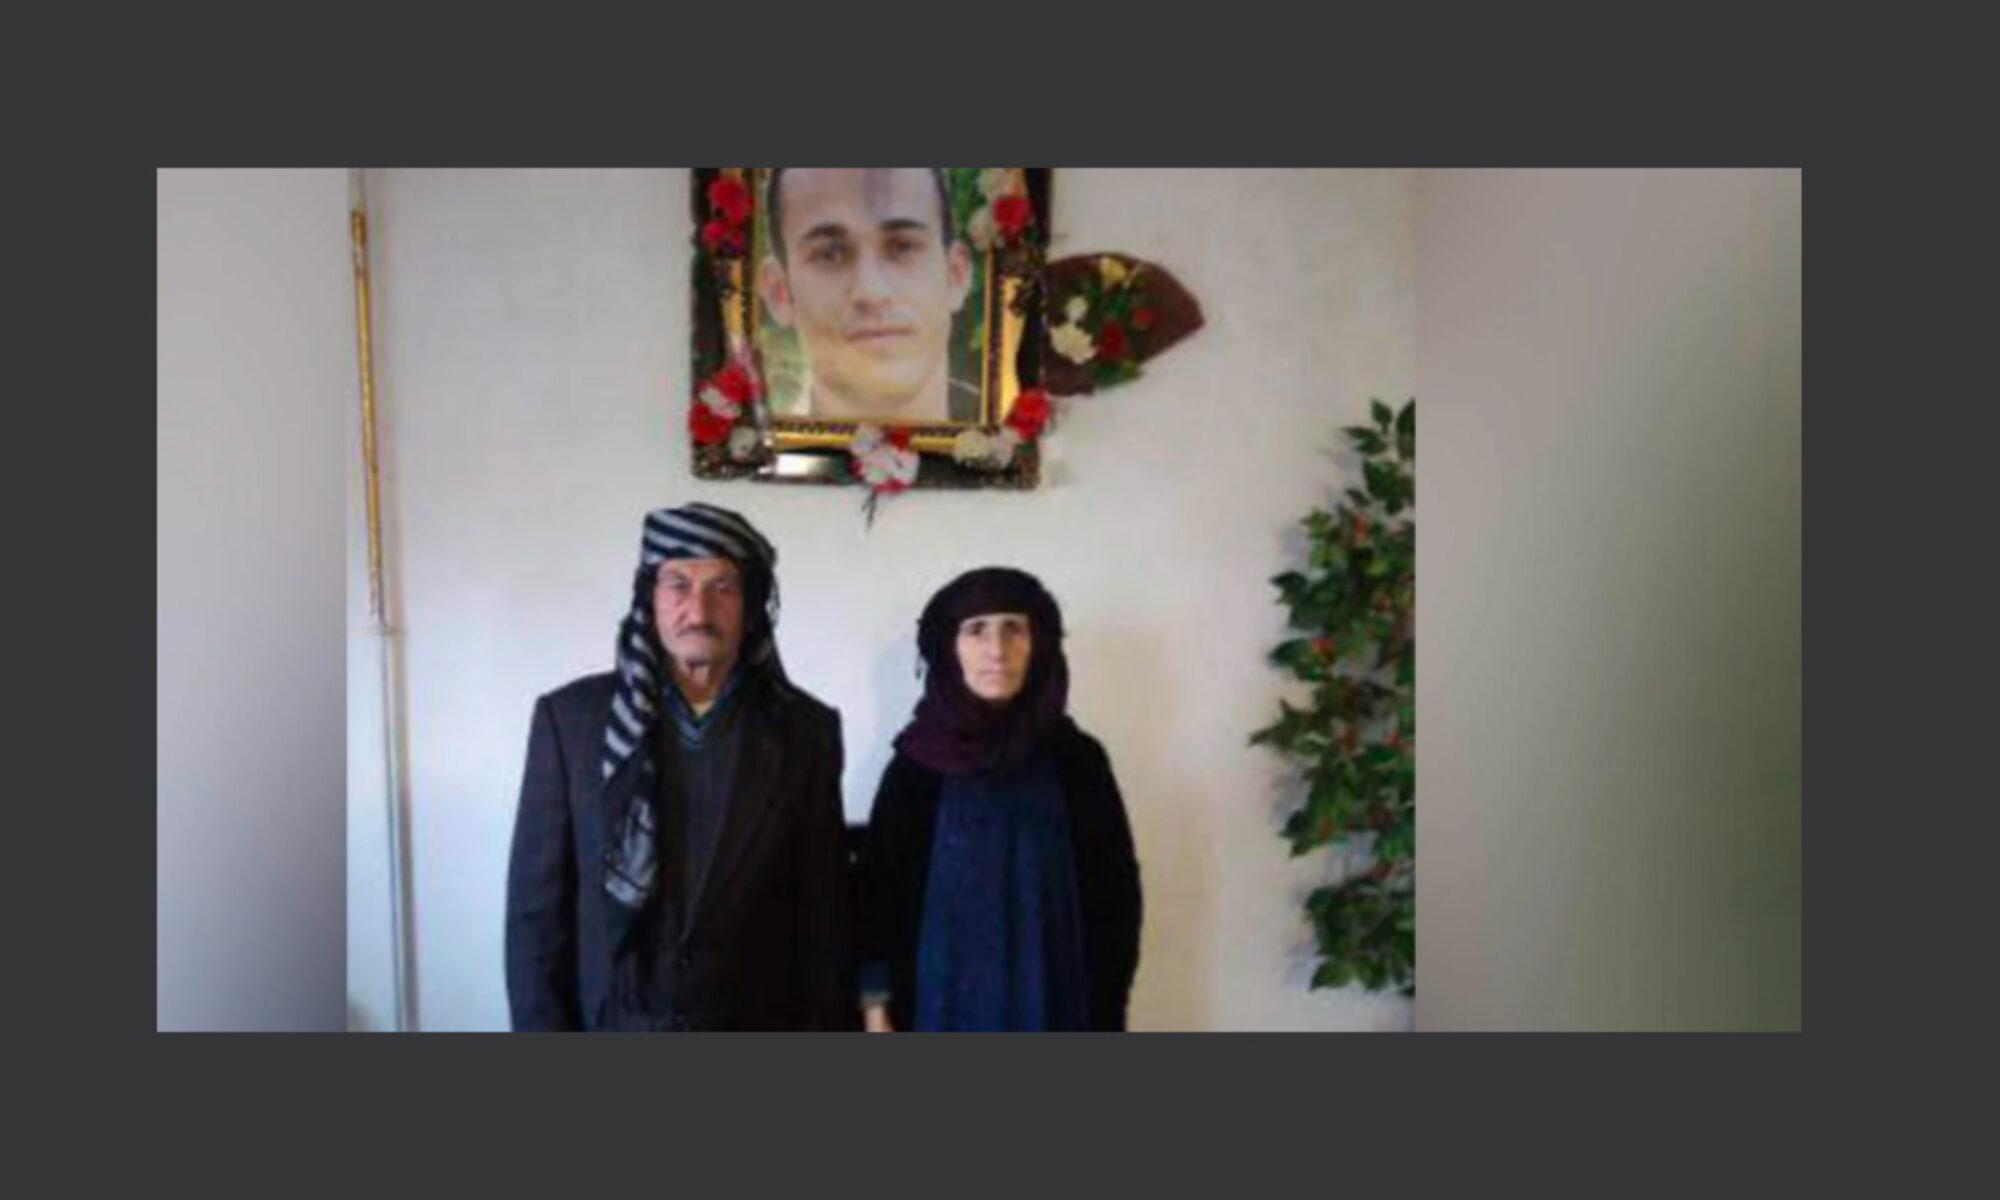 İran, idam ettiği Ramin Hisenpenahi'nin babasının cenazesini de kaçırdı